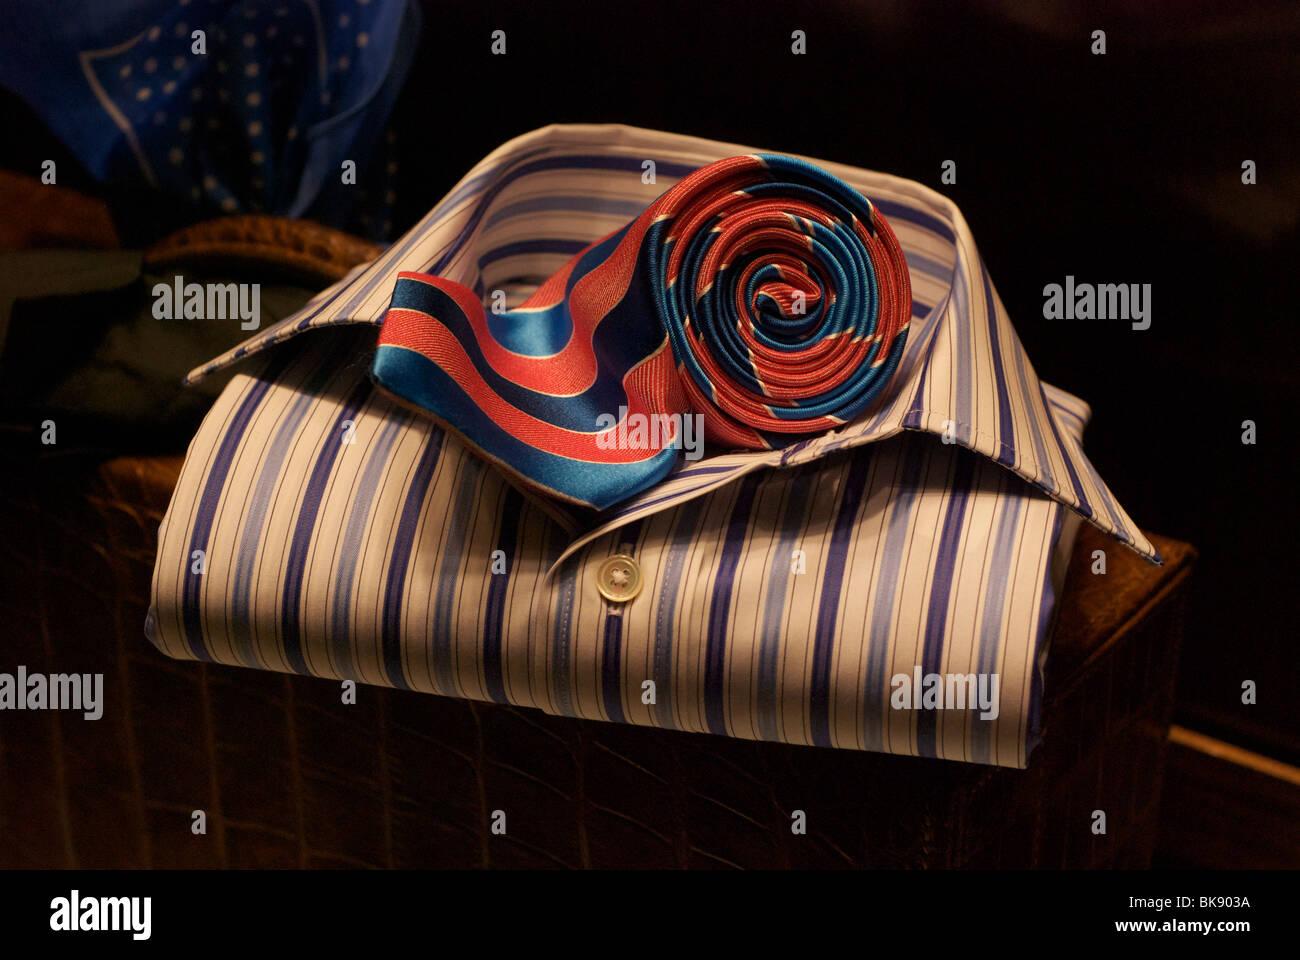 Smart gefalteten gestreiftes Hemd mit Button und rollte sie rot/blaue Krawatte auf dem Display. Stockbild